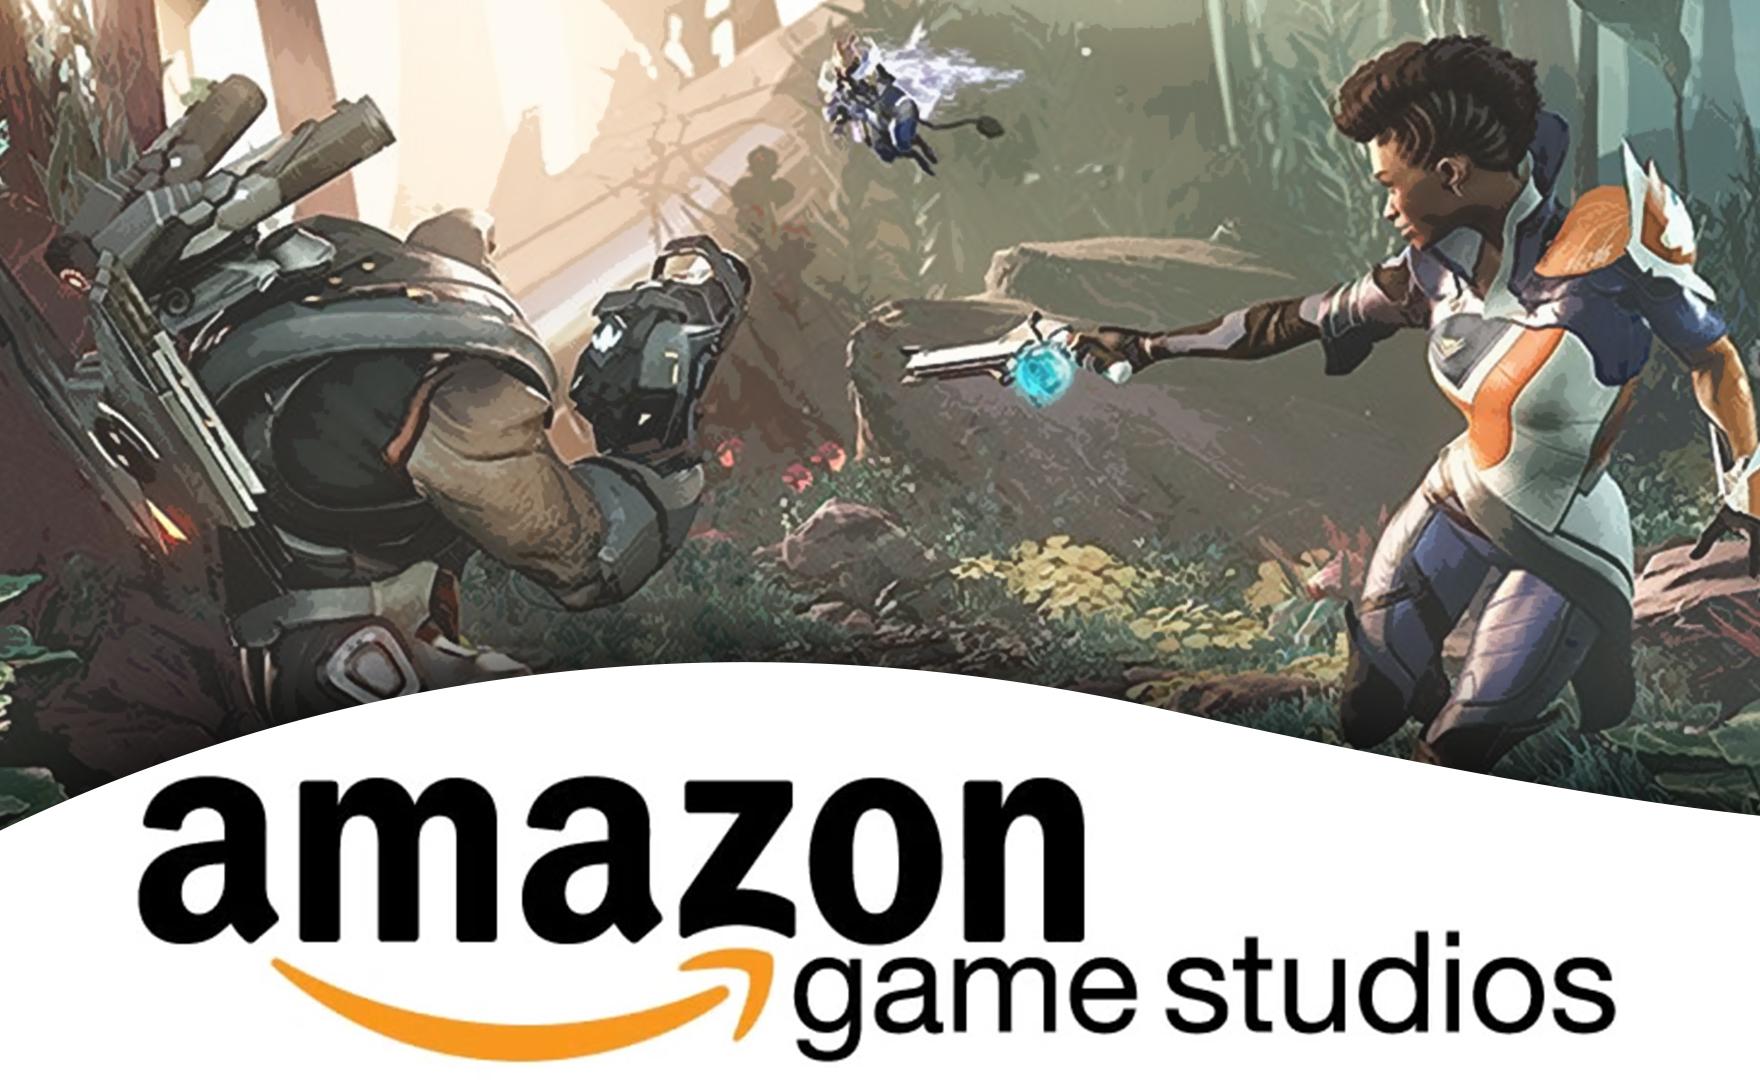 Amazon Game Studios: durante l'E3 2019 sono stati licenziati diversi sviluppatori